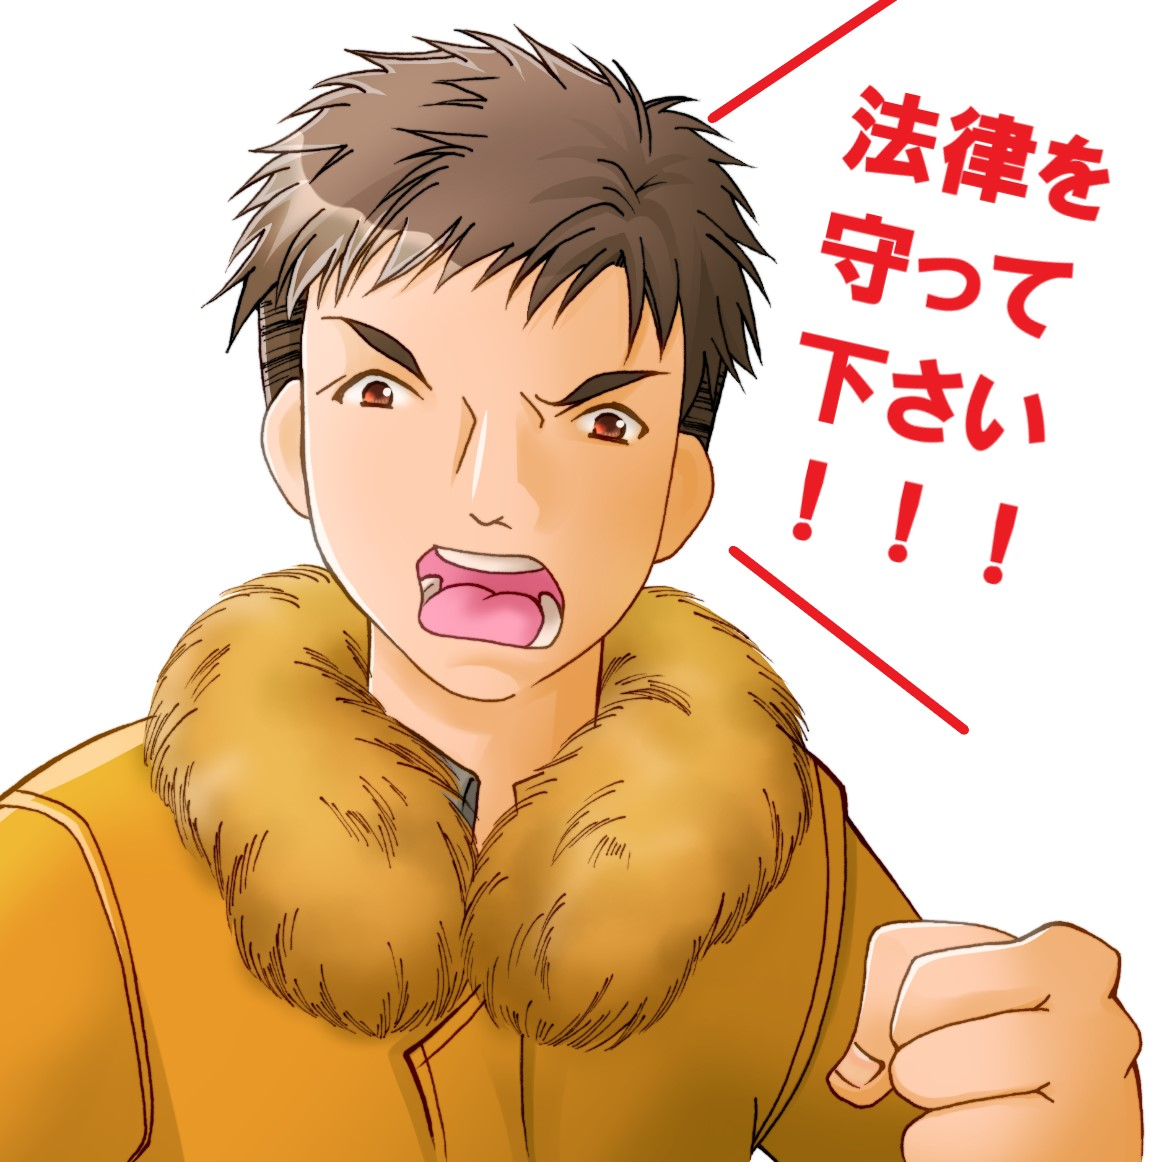 法律を守ってください!と怒るコンビニバイト男性